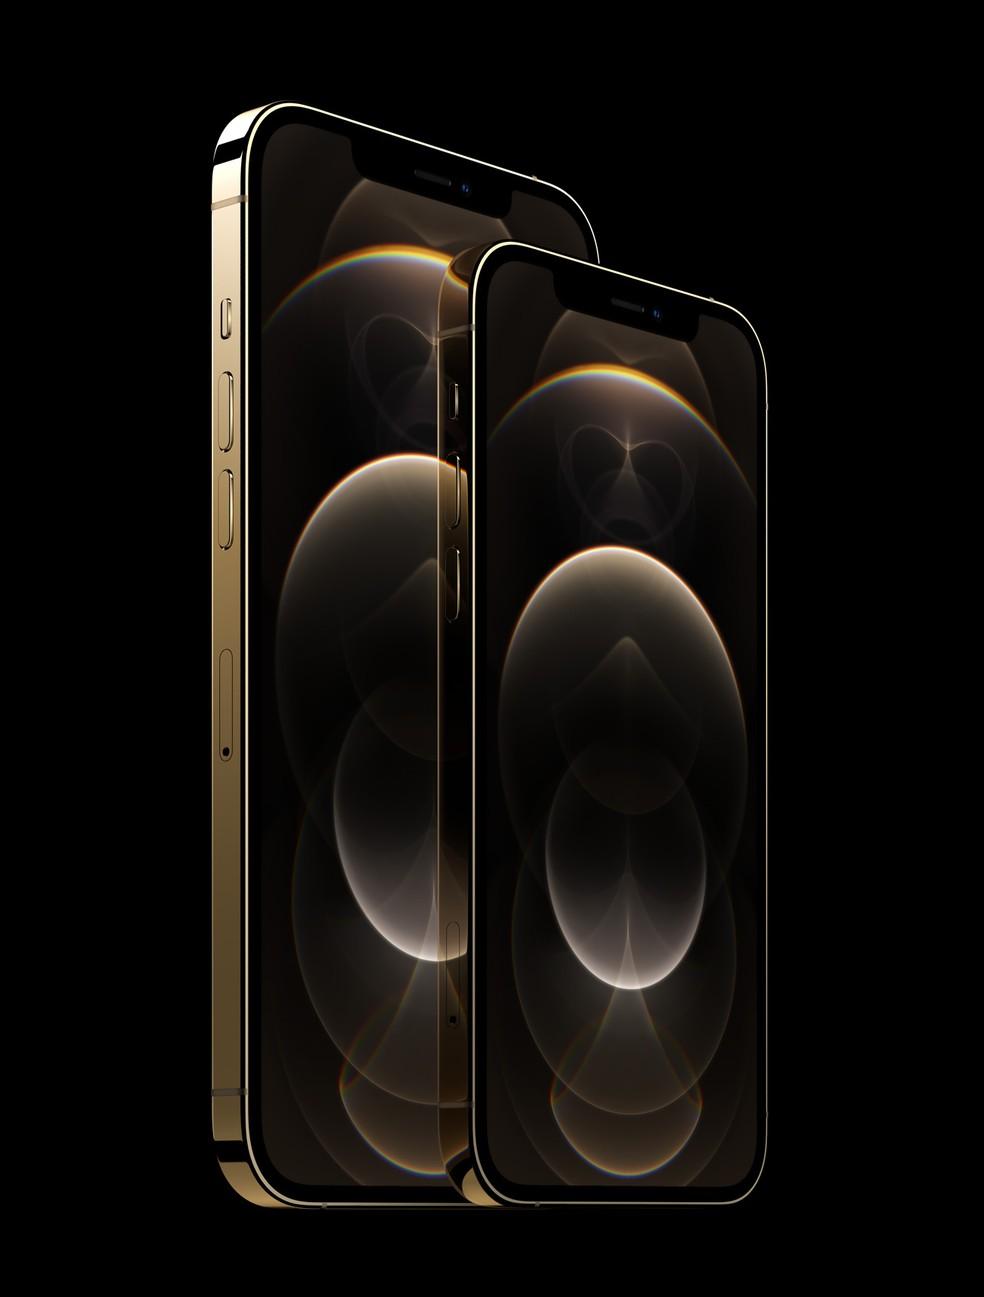 Iphone 12 Pro Max Conquista Titulo De Melhor Tela De Celular Do Mundo Celular Techtudo